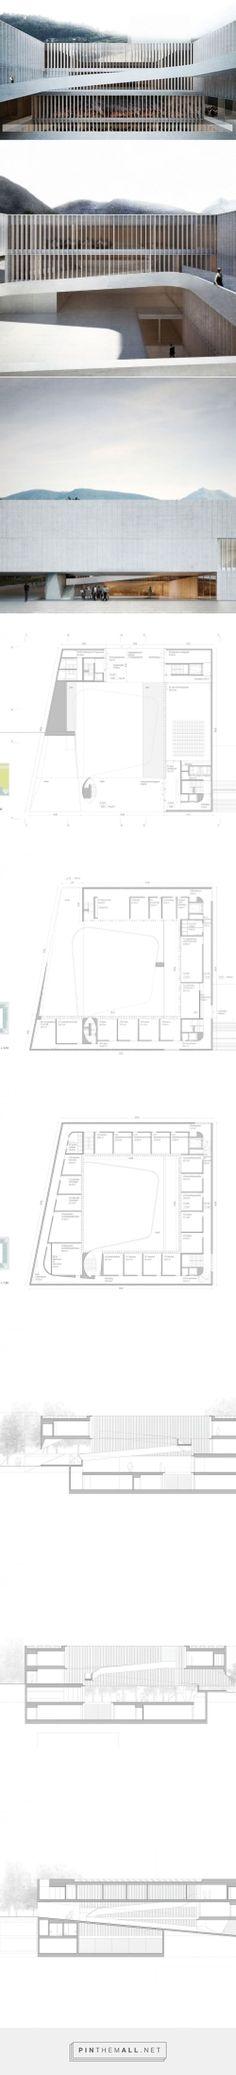 Aires Mateus + GSMM Architetti - Escuela de música en Italia (2014)